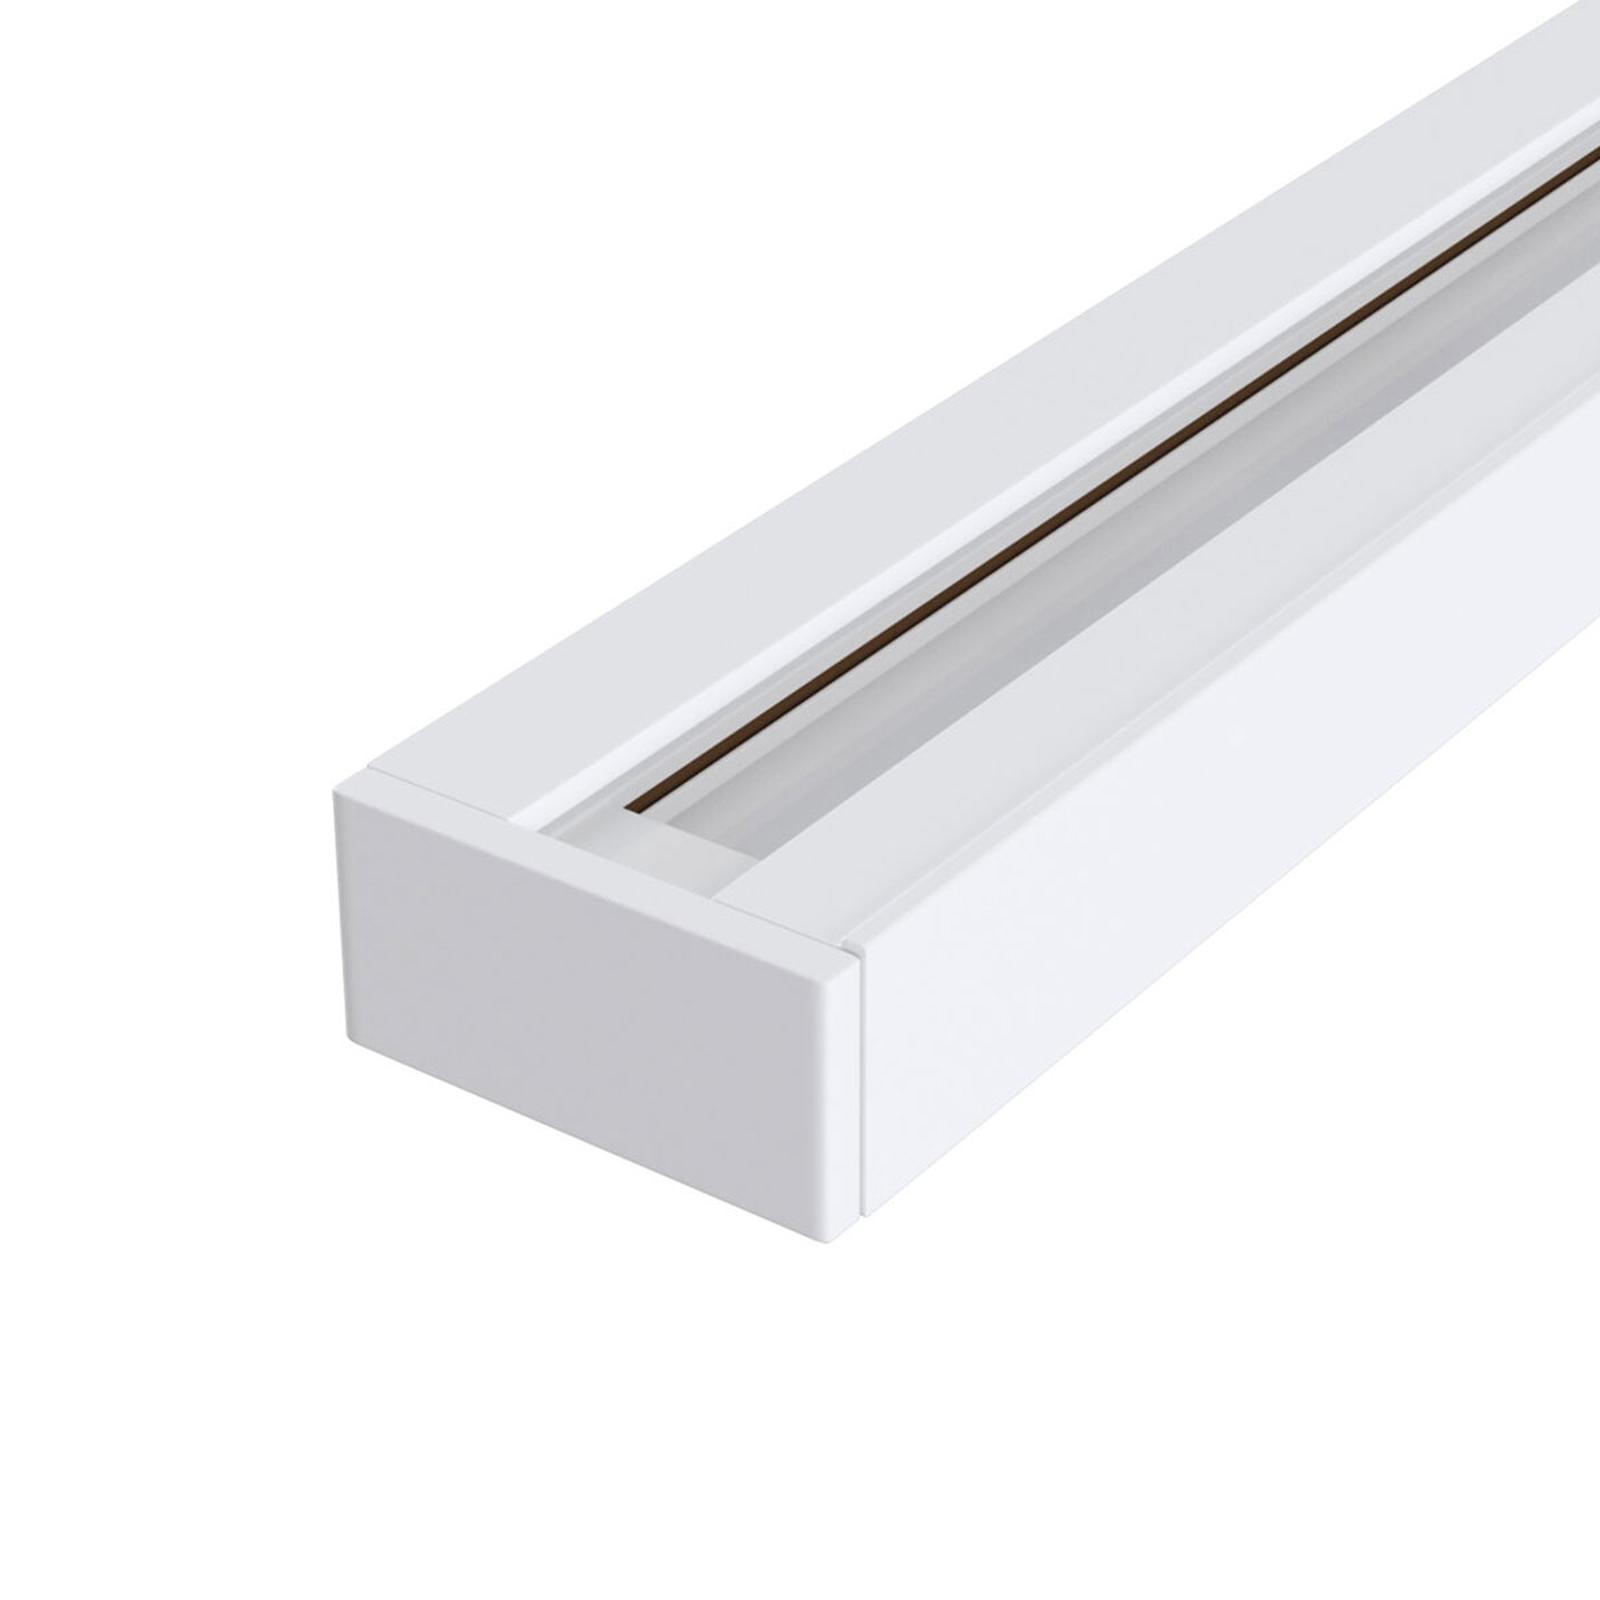 1-Phasen Schiene Track in Weiß, 100 cm